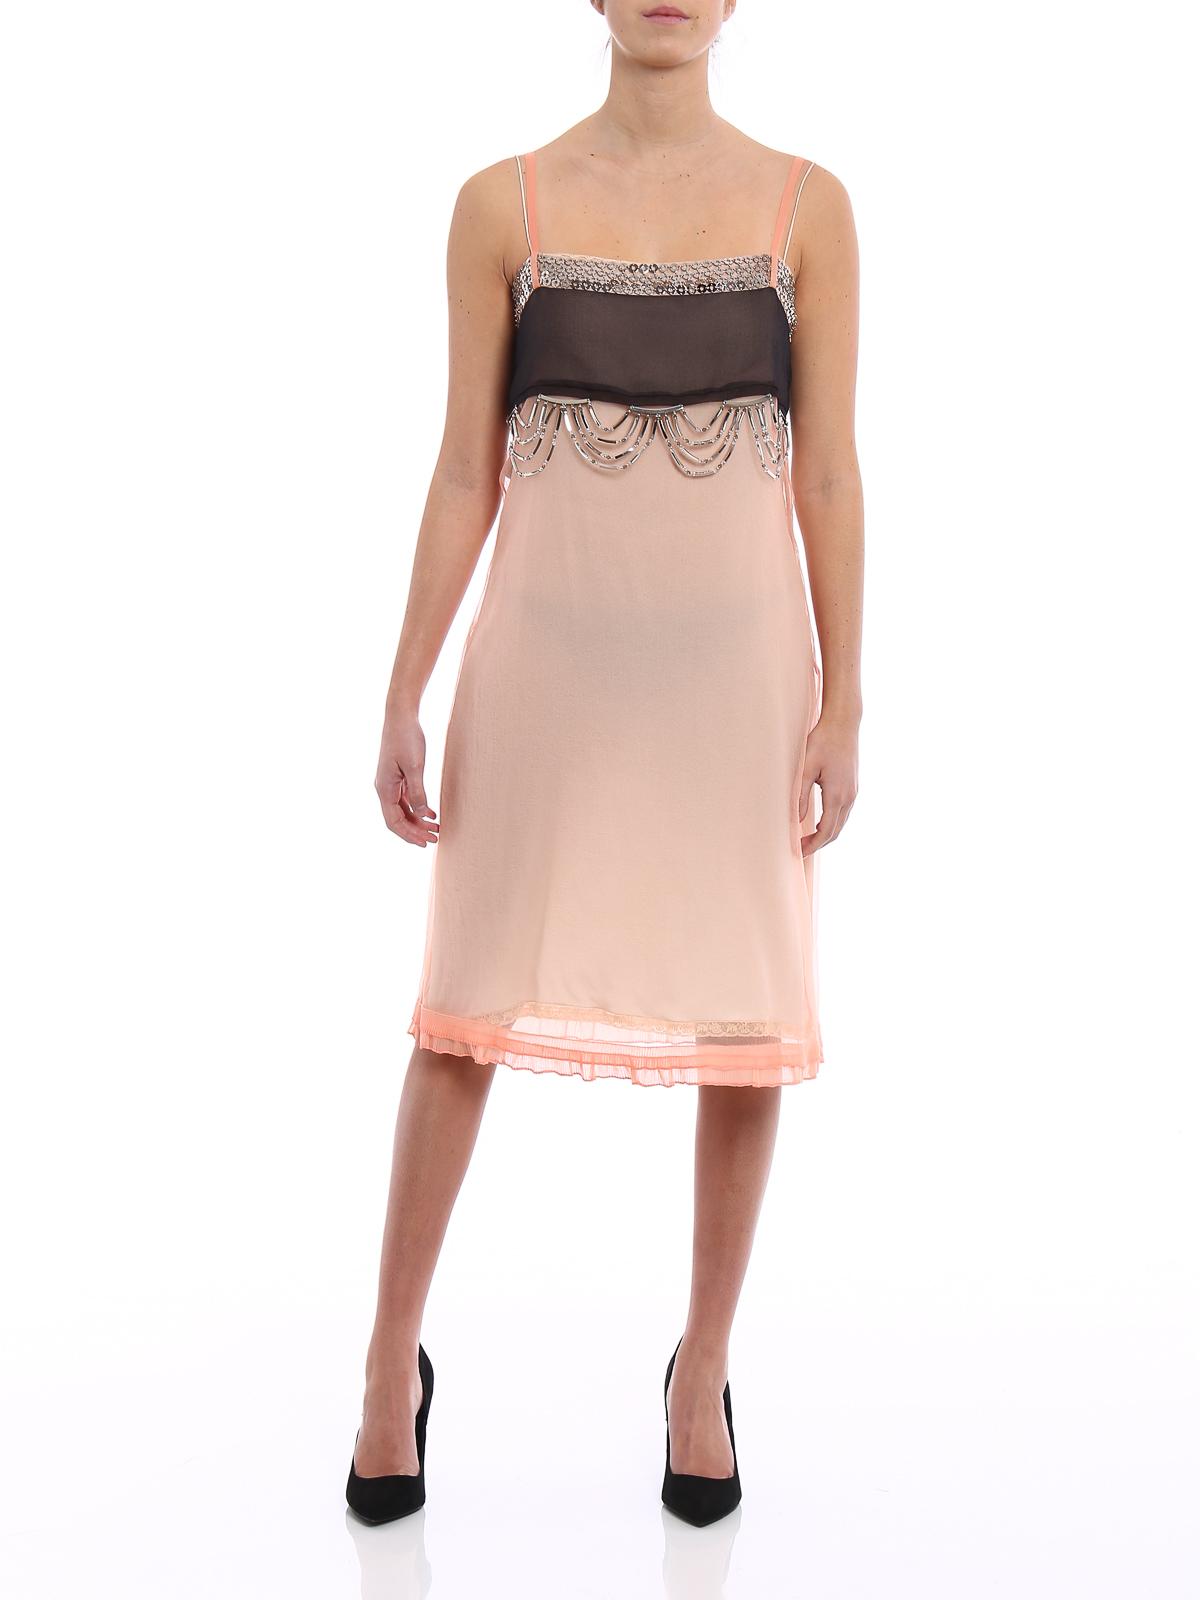 Ausgezeichnet Prada Cocktailkleid Zeitgenössisch - Hochzeit Kleid ...